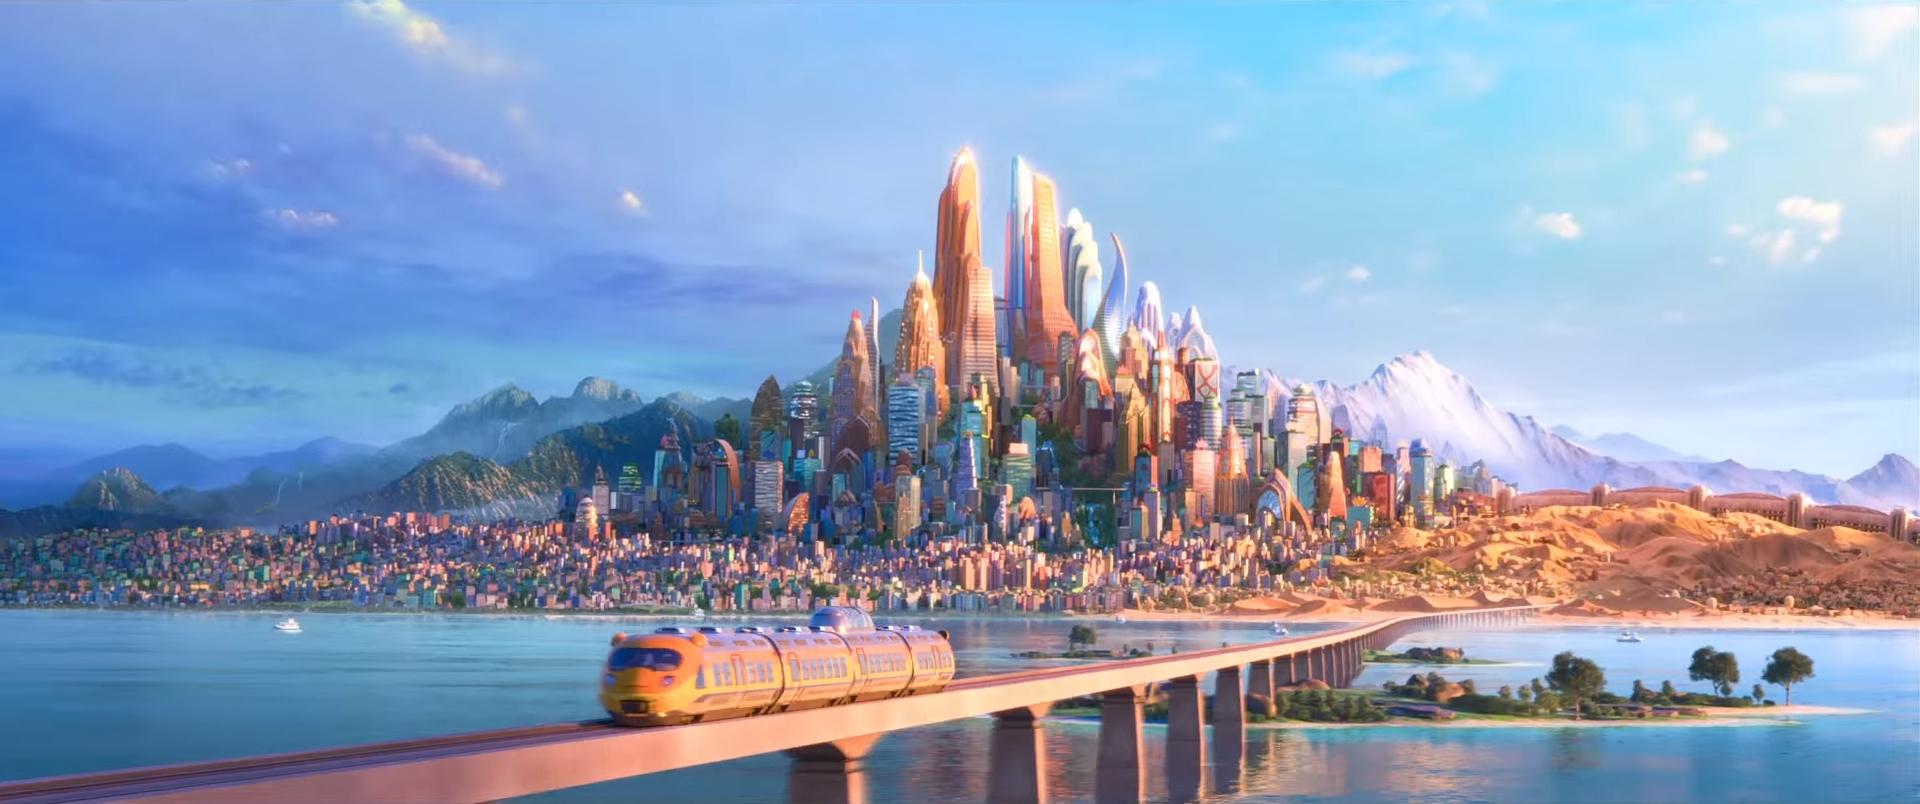 Zootopia_City_Full